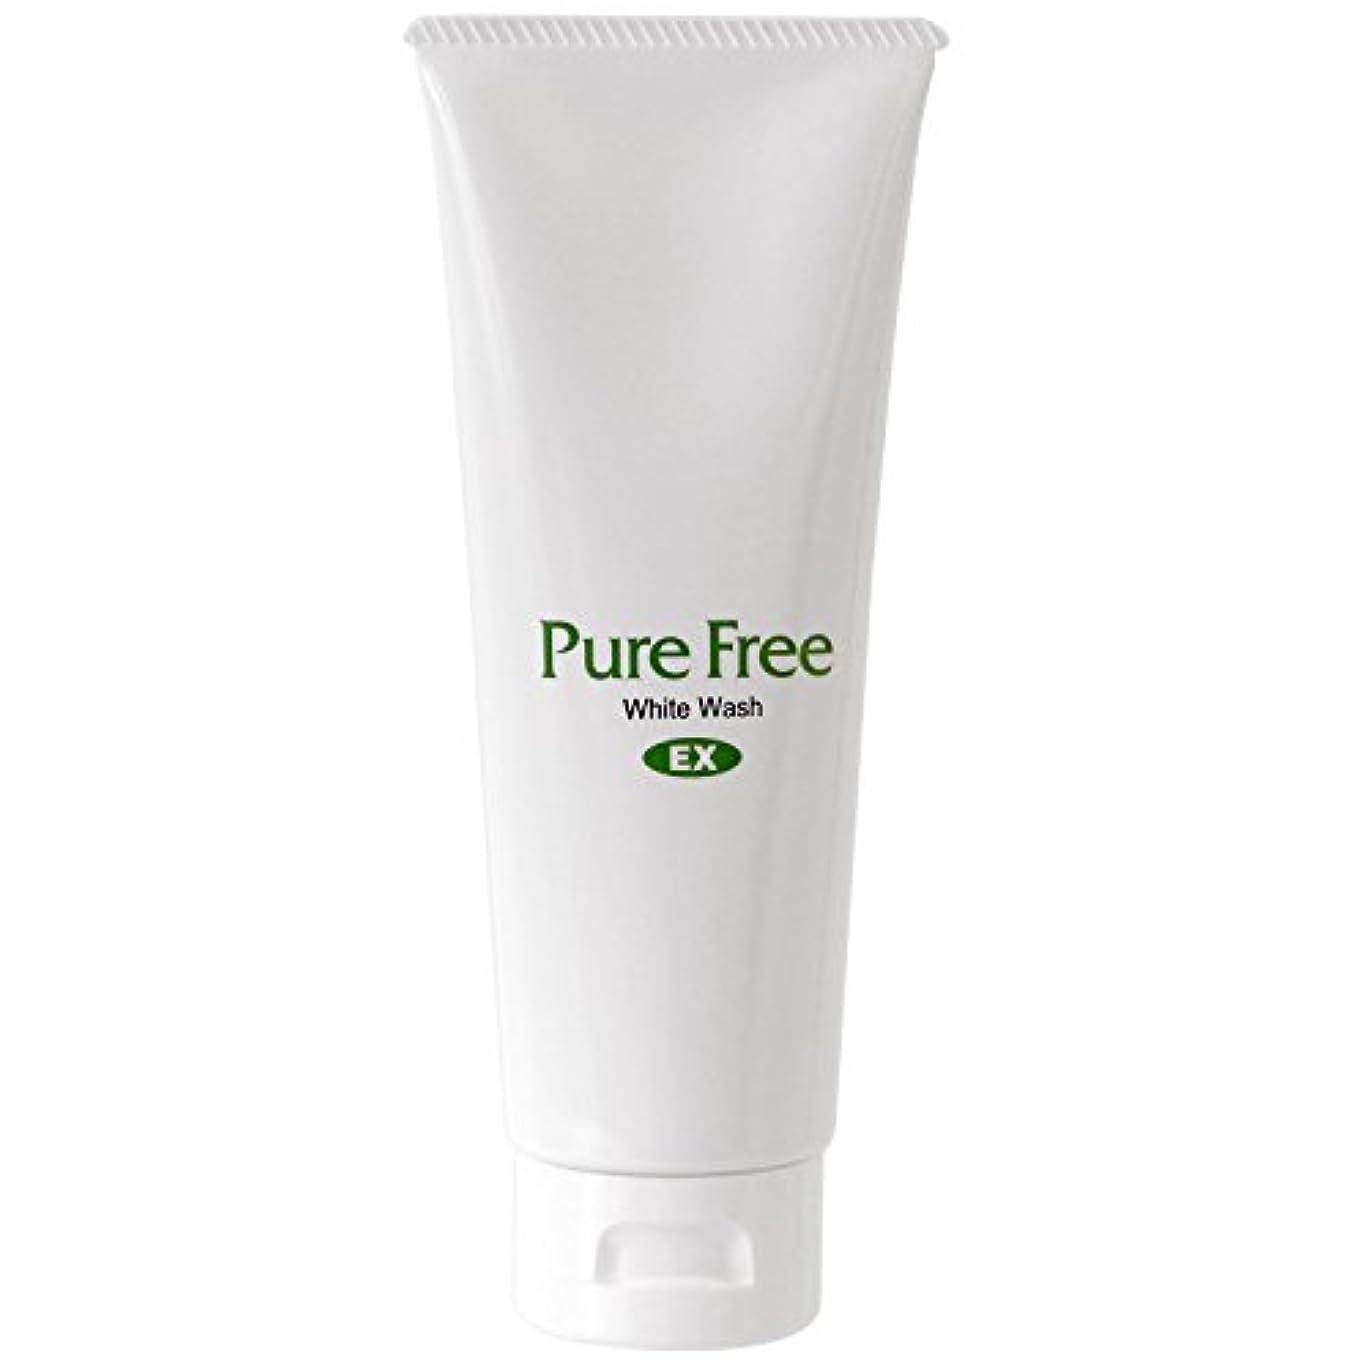 謝罪オークランド会話型Pure Free (ピュアフリー) ホワイトウォッシュEX オーガニック 正規品 洗顔料 (サンプル用意あり)